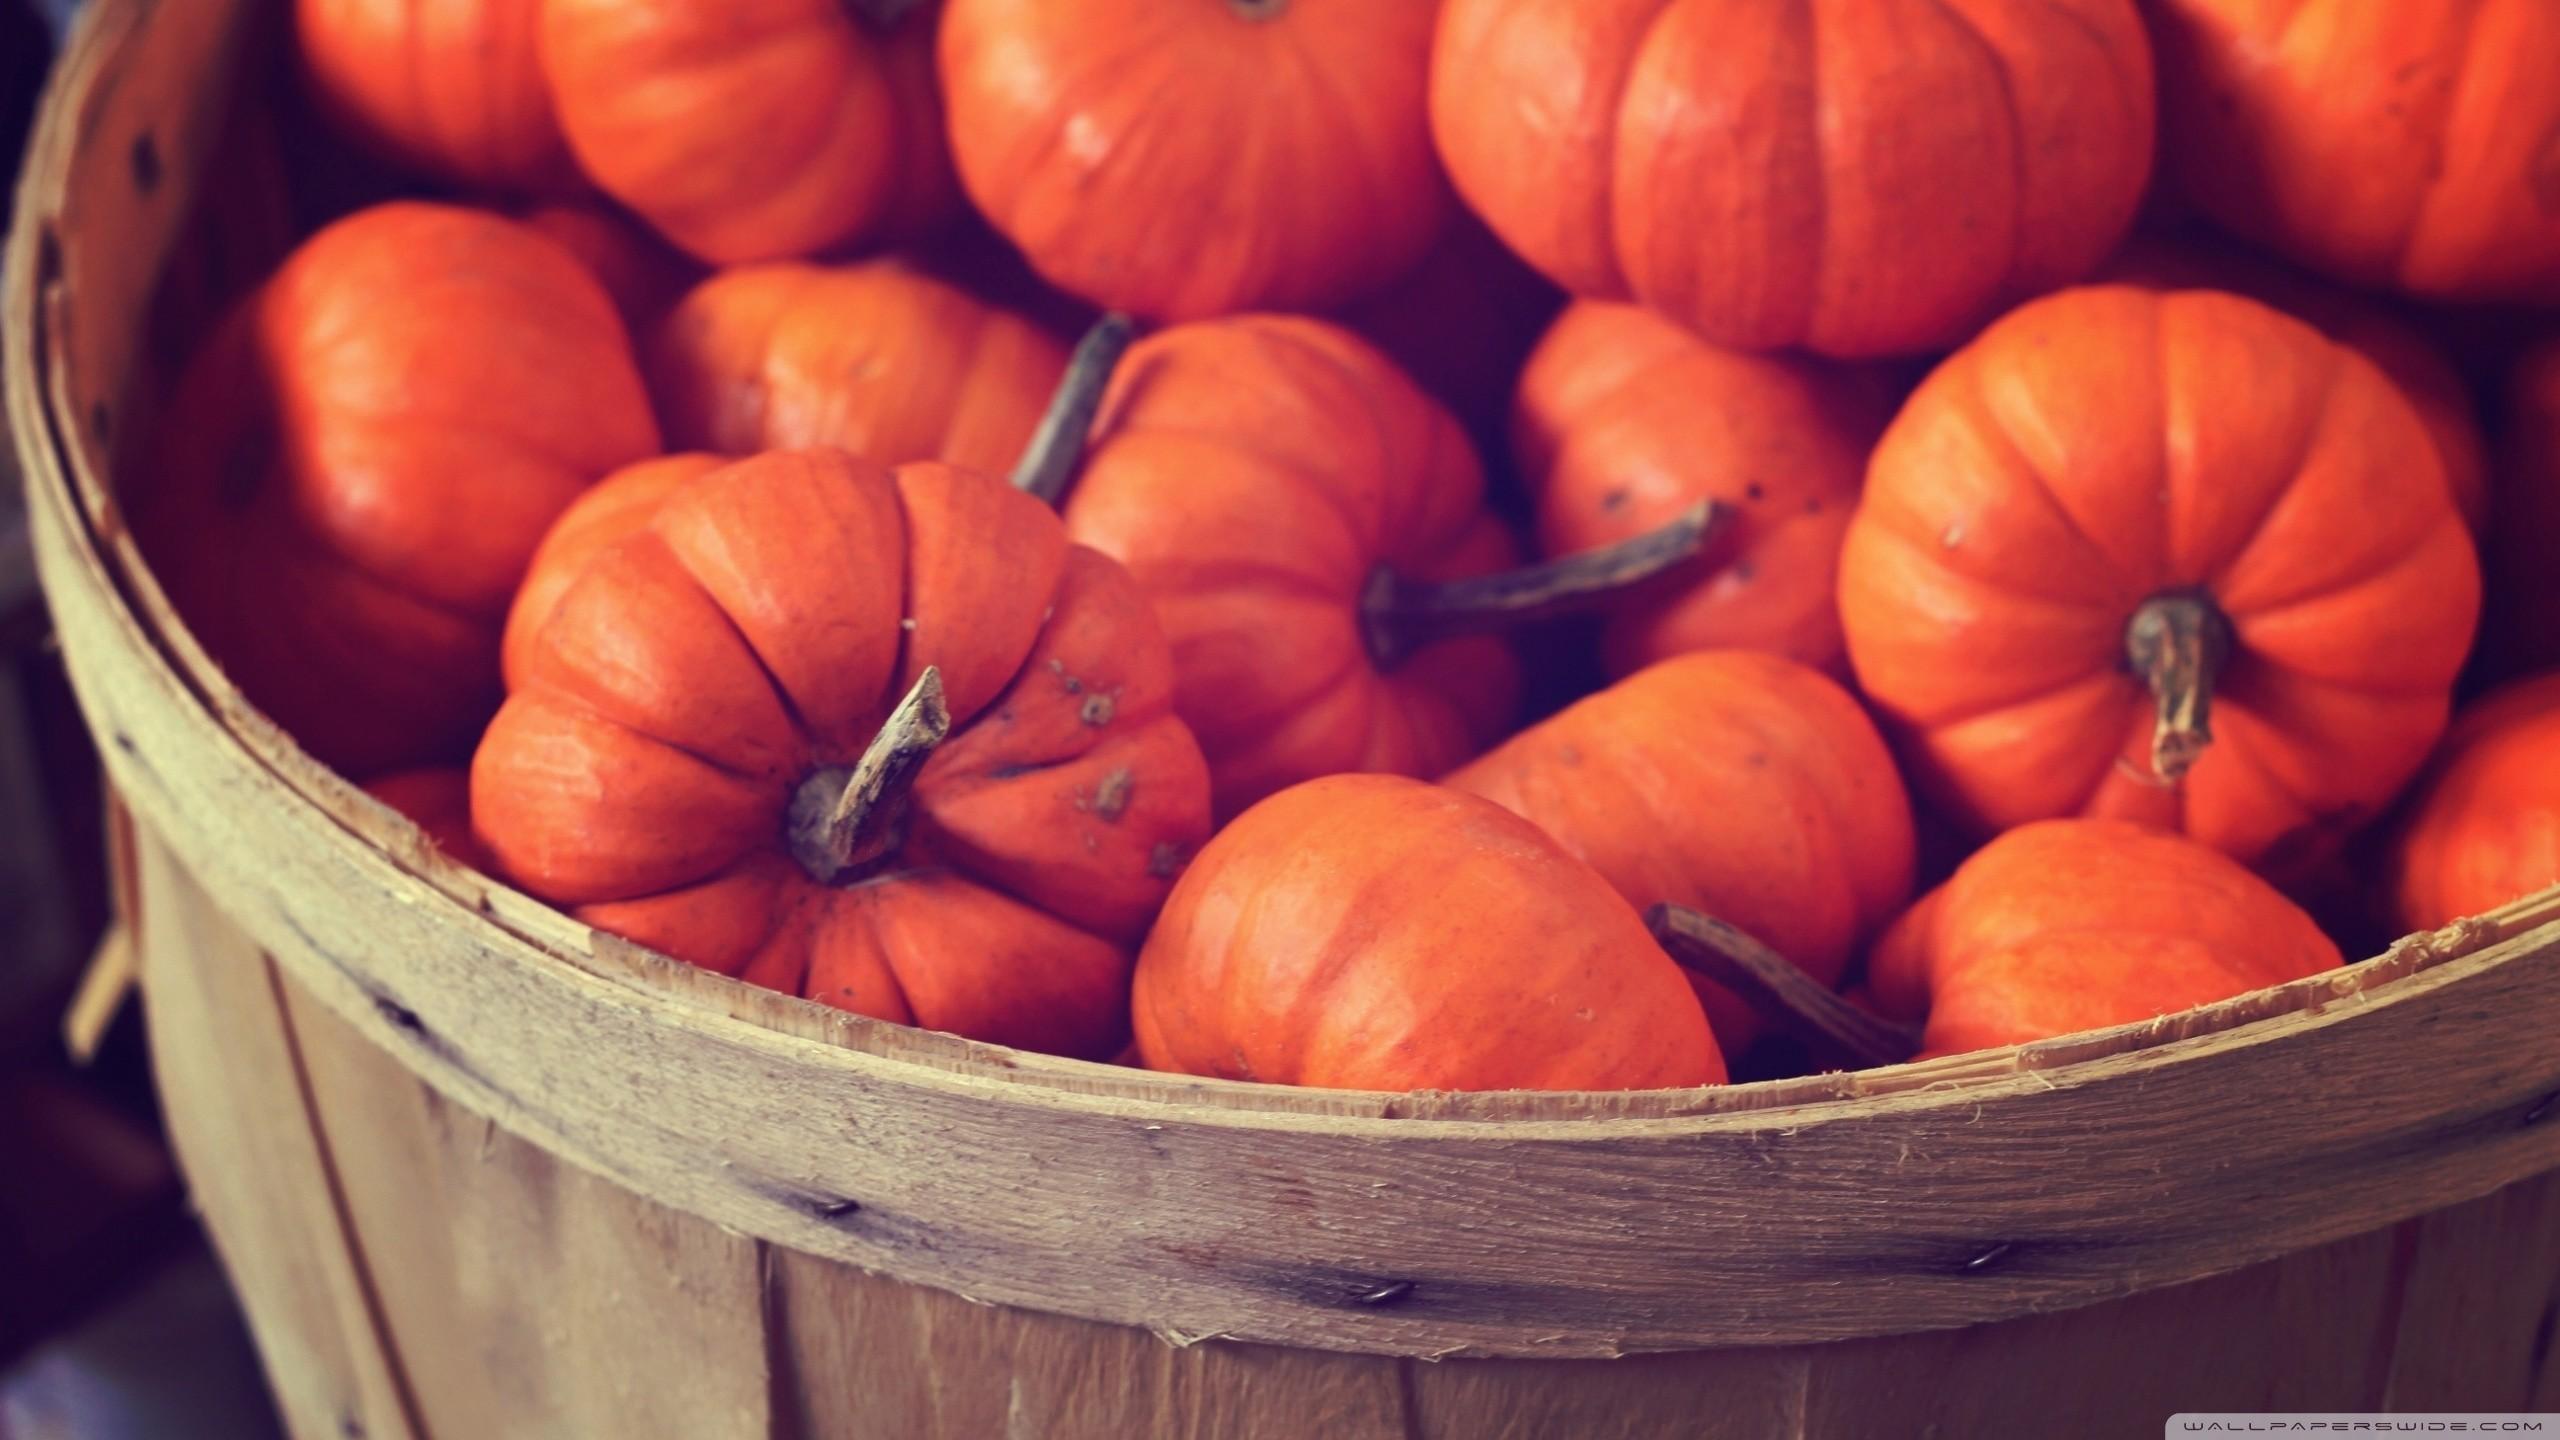 … basket full of pumpkins hd desktop wallpaper high definition …